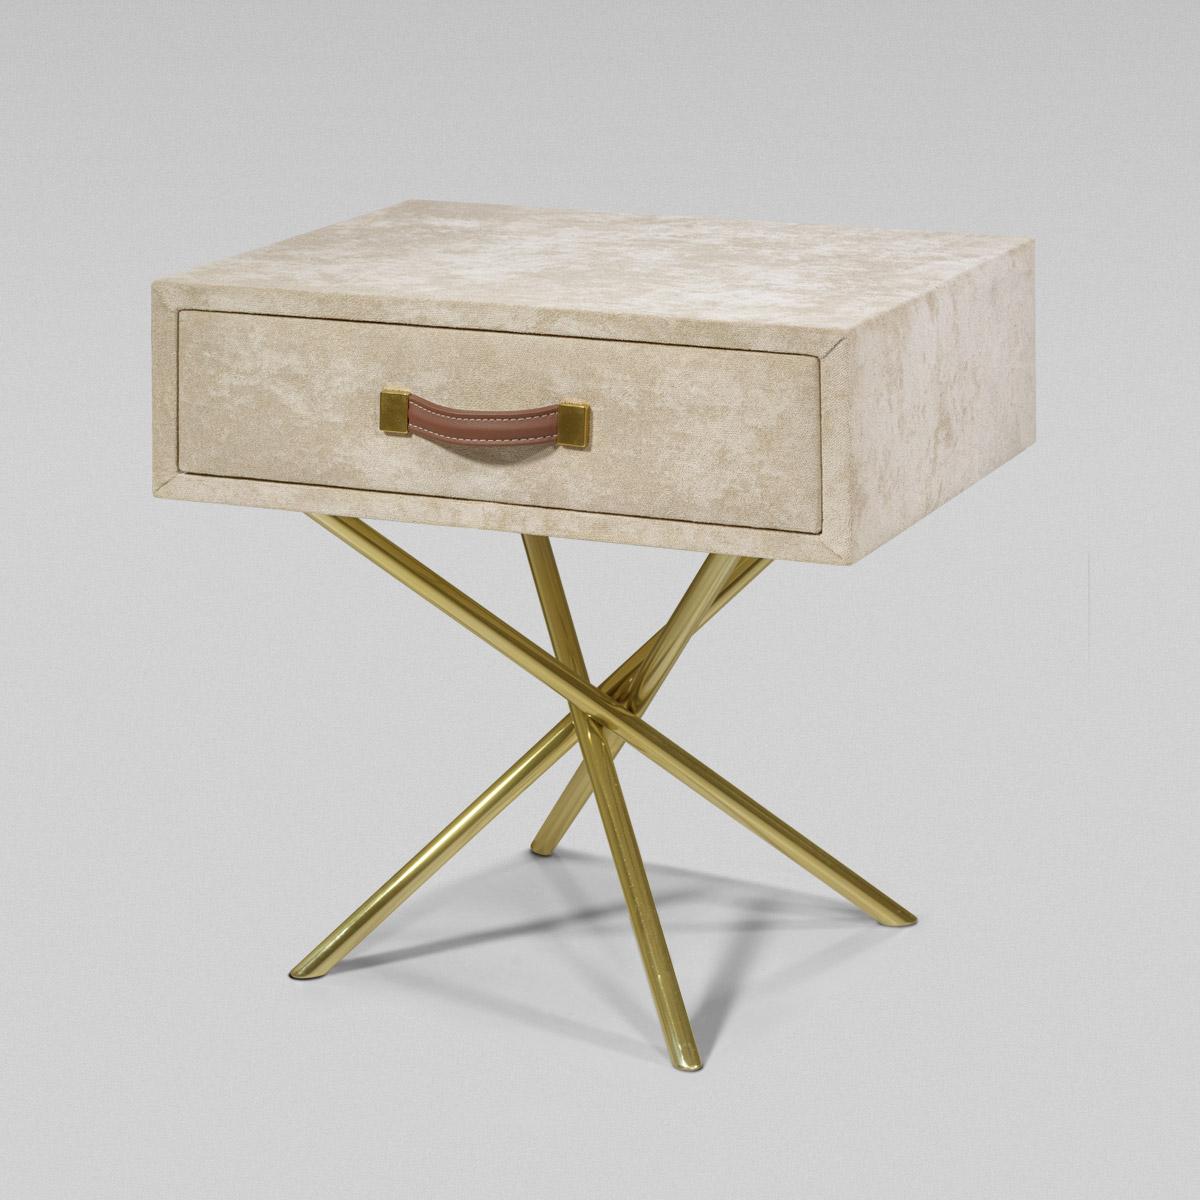 sella Sella Bedside table colunex sella side table 01